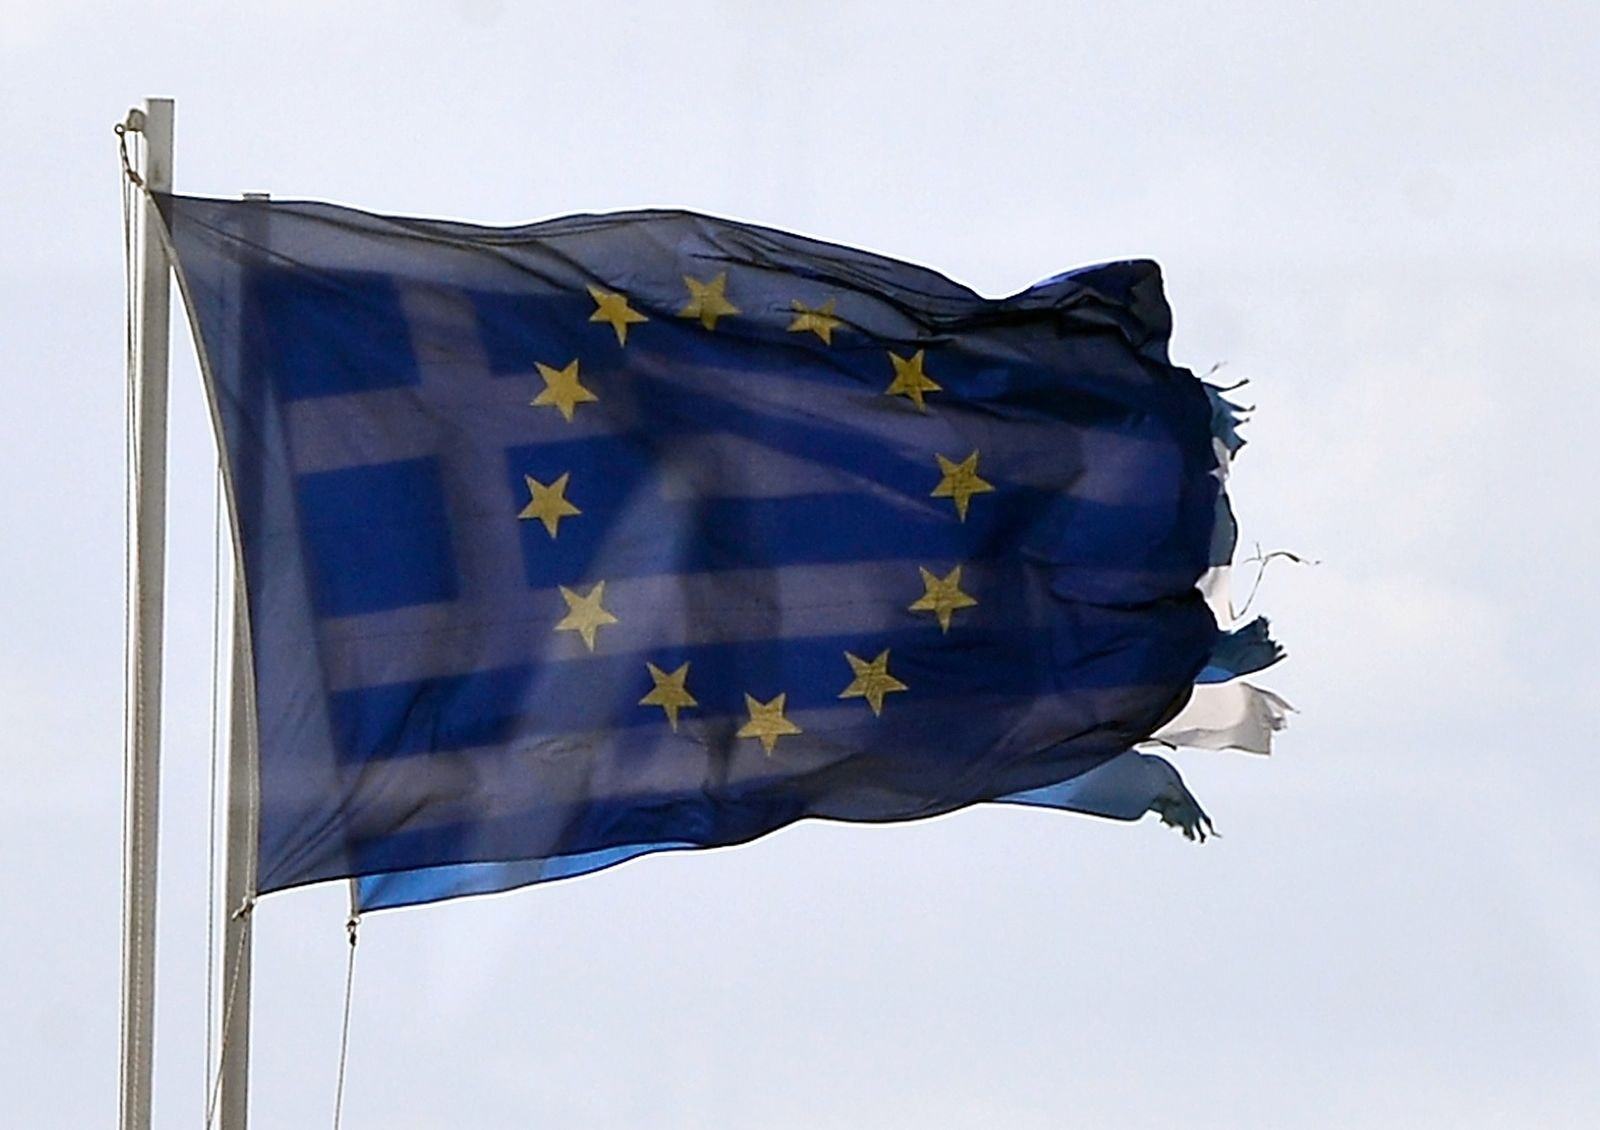 Griechenland / EU / Fahne